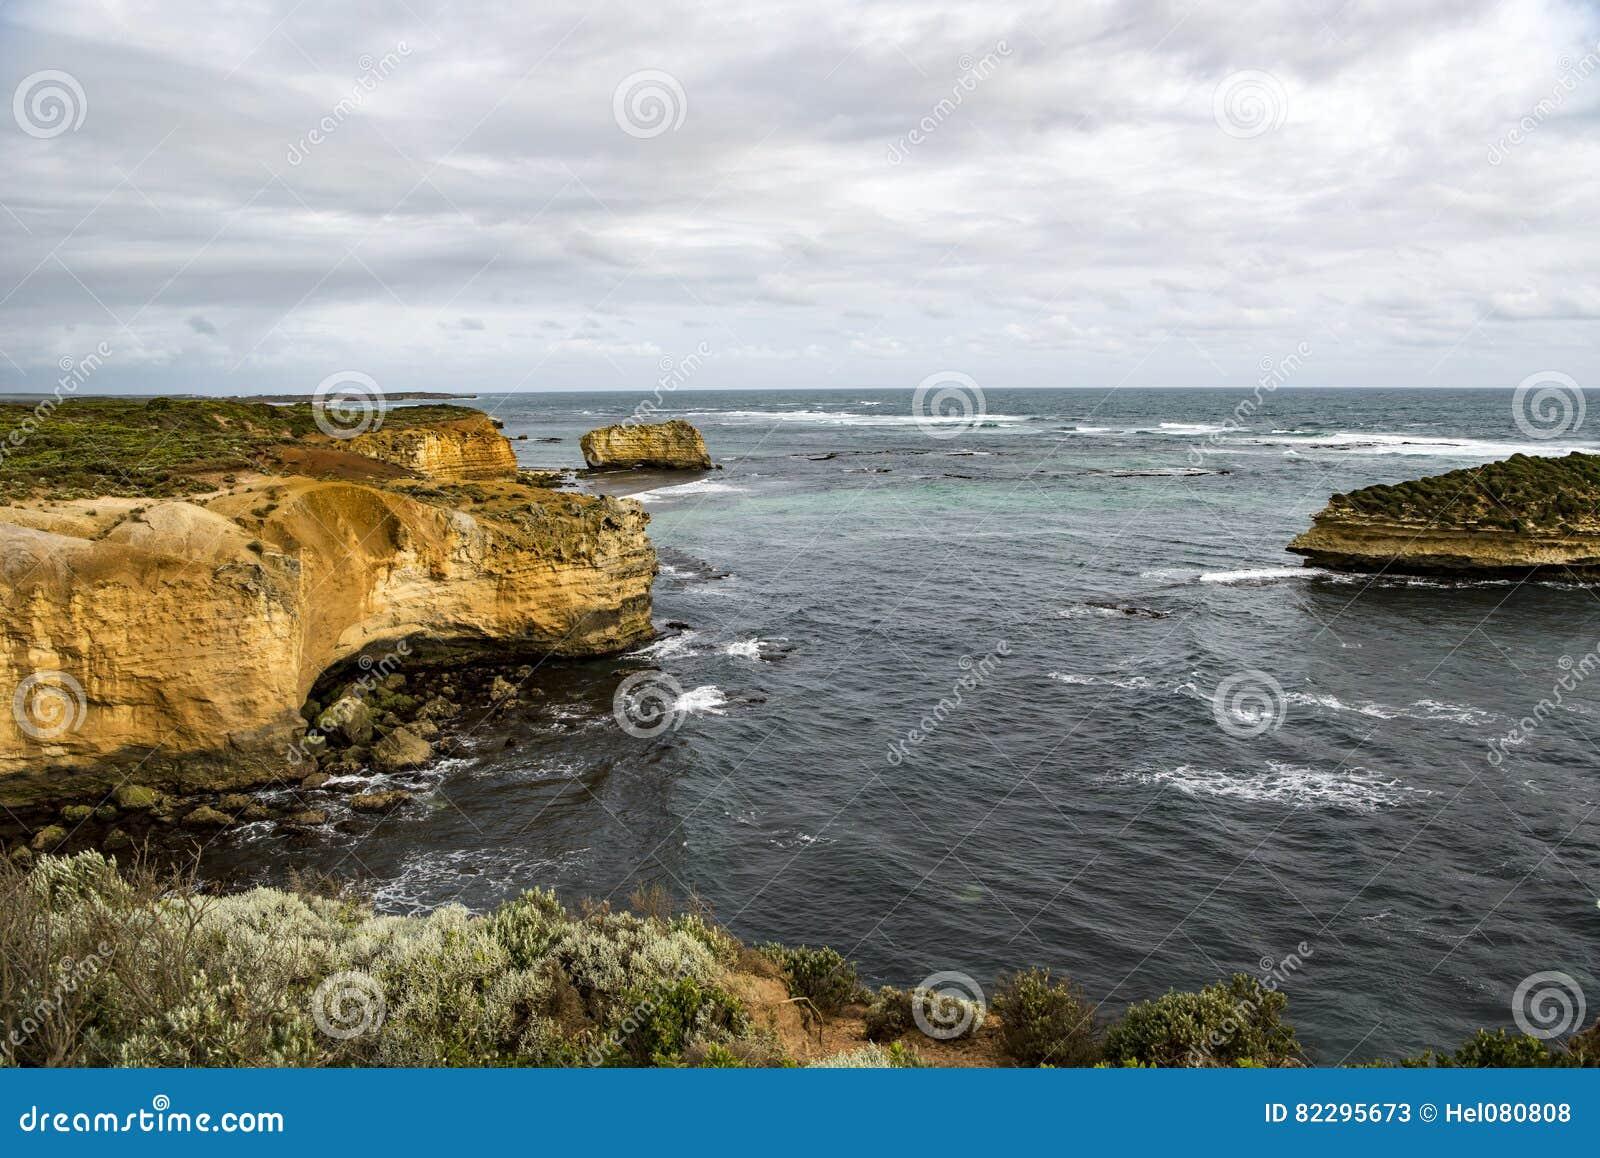 Bay at Great Ocean Road, Australia